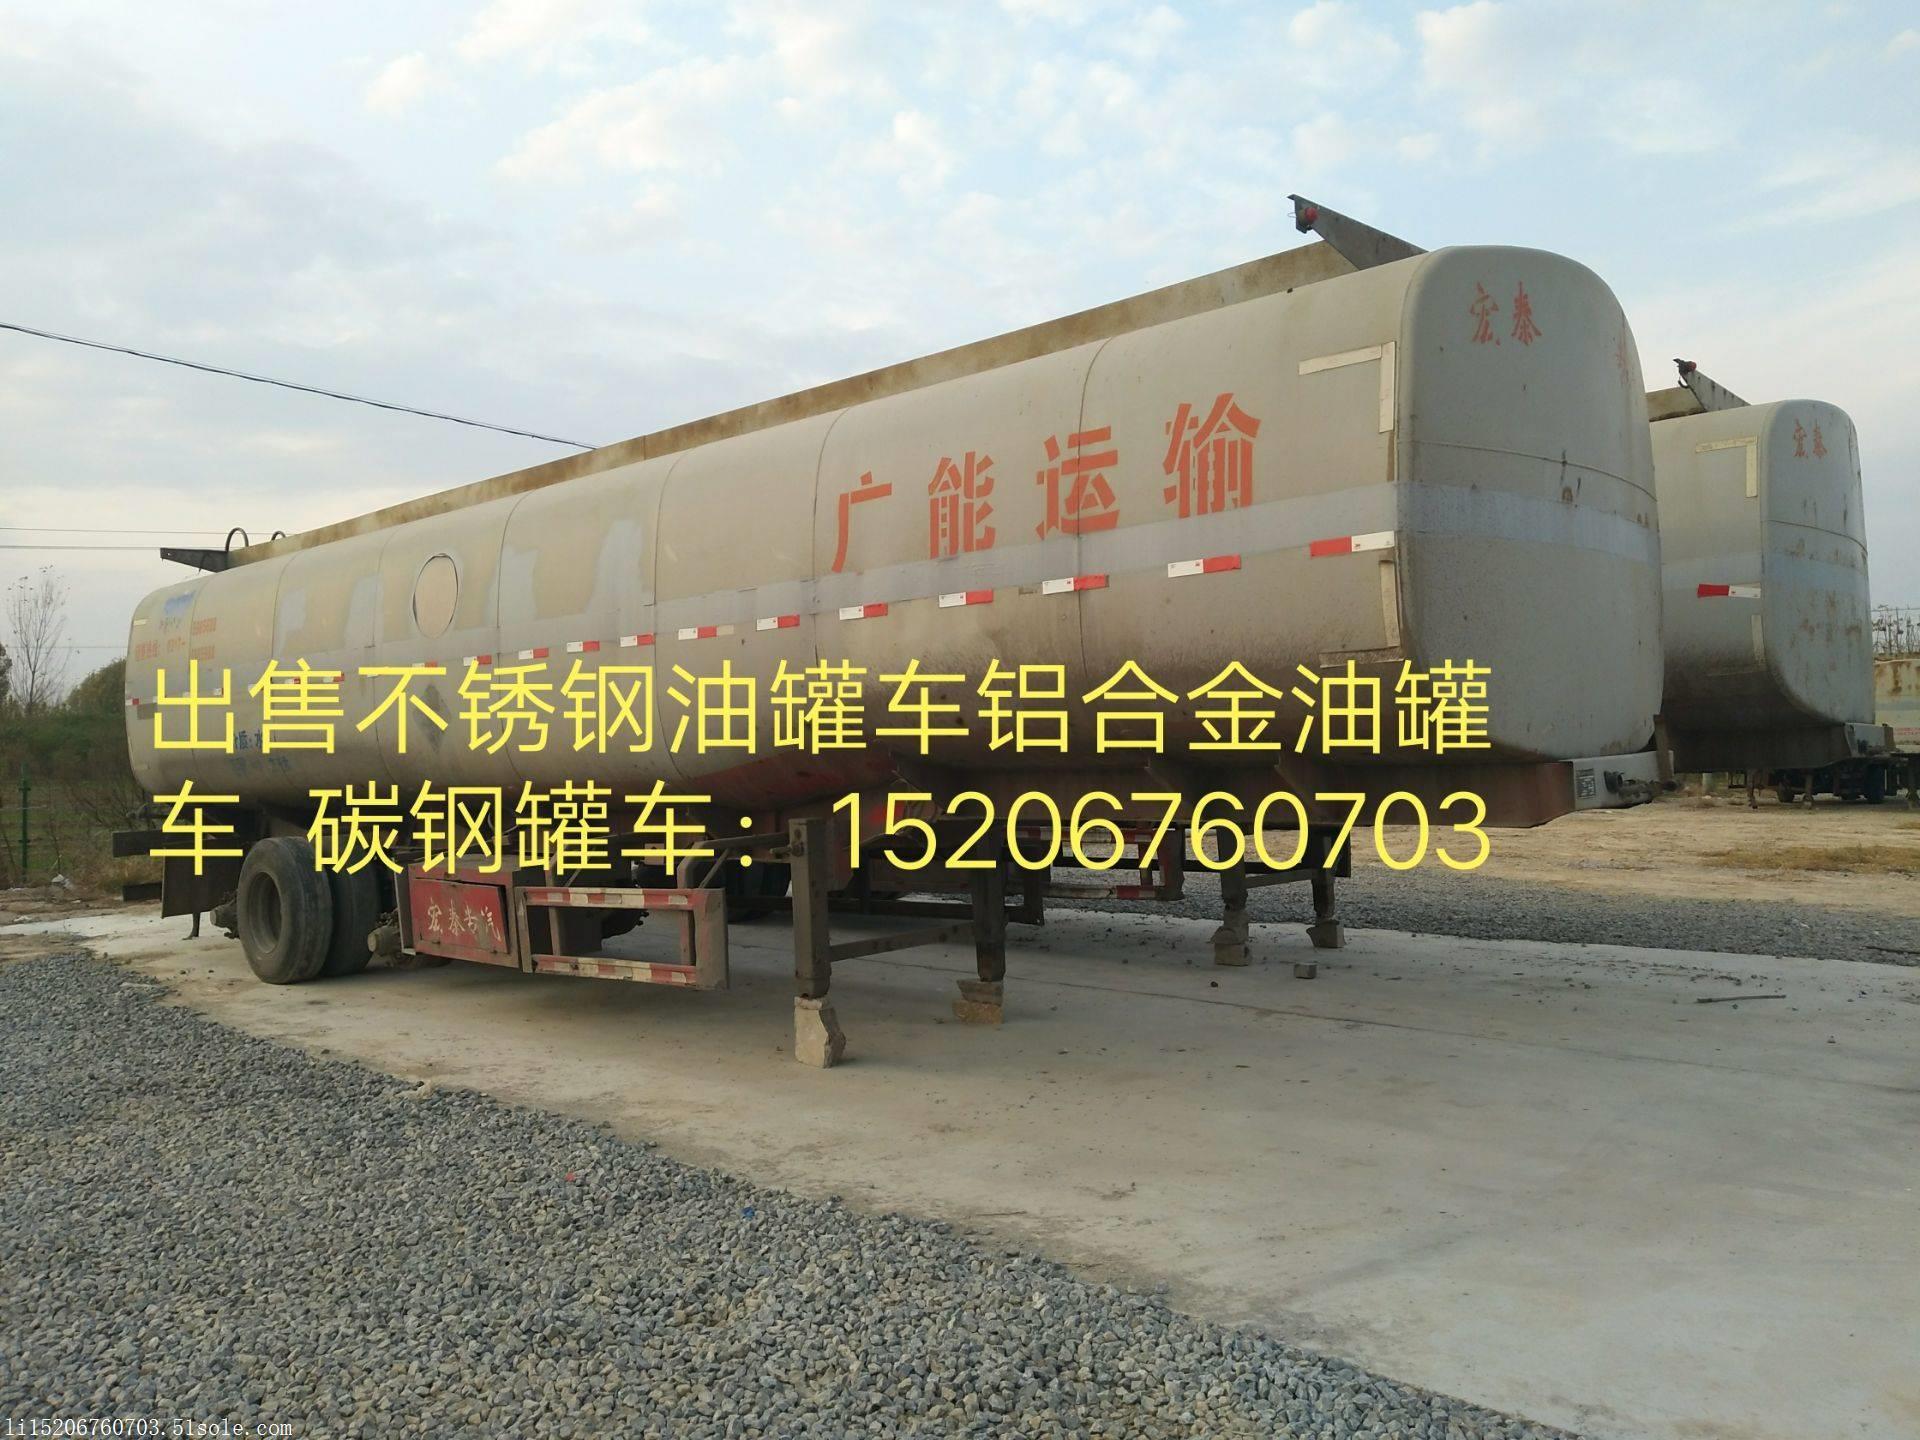 二手半挂油罐车 槽罐车 山东济宁专业出售点做全新油罐车库存油罐